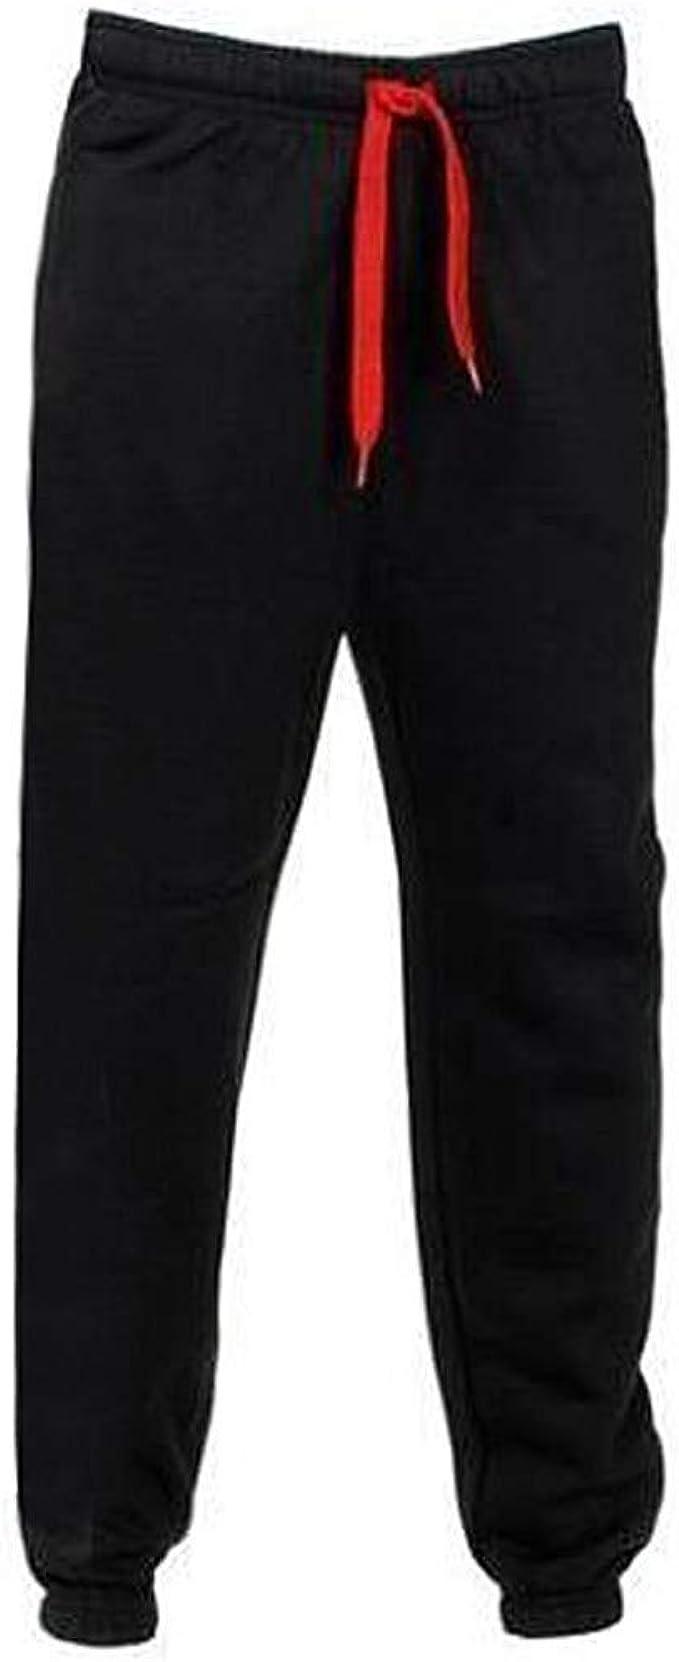 Pantalones Hombre Chandal Pantalon Deporte Hombre Color ...